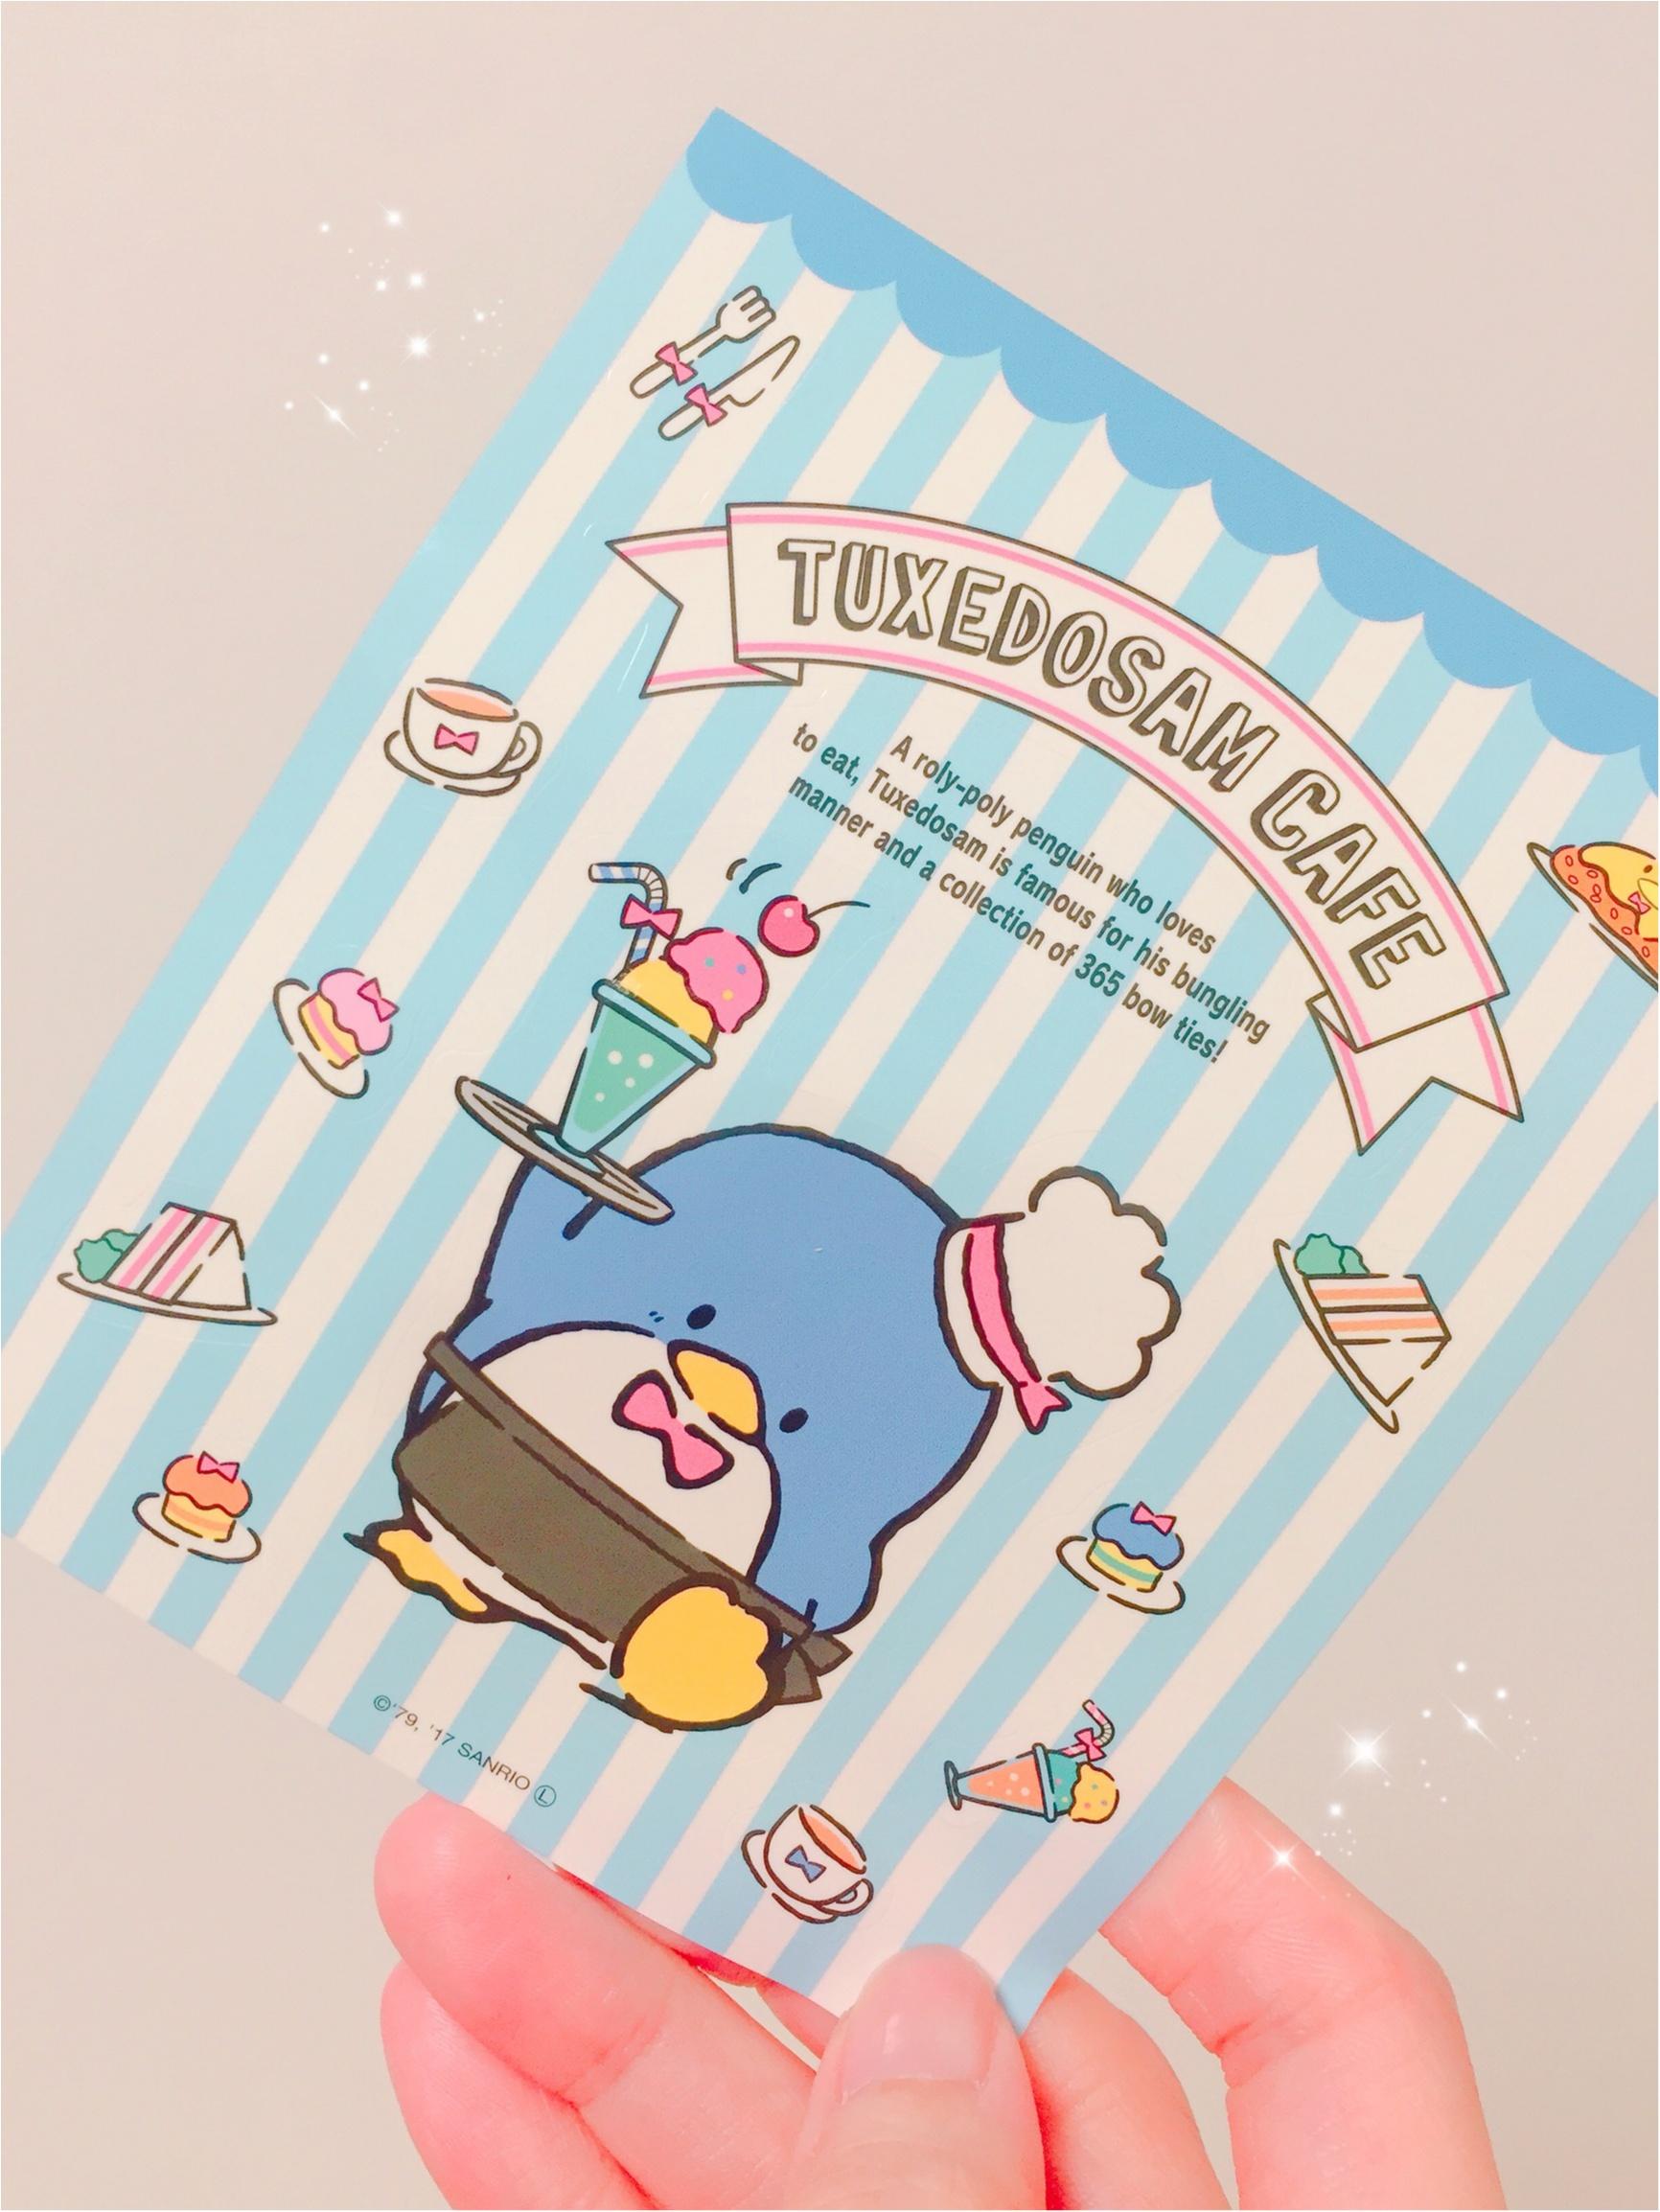 懐かしサンリオキャラがアツい!タキシードサムカフェが渋谷ヒカリエに期間限定オープン中♪_7